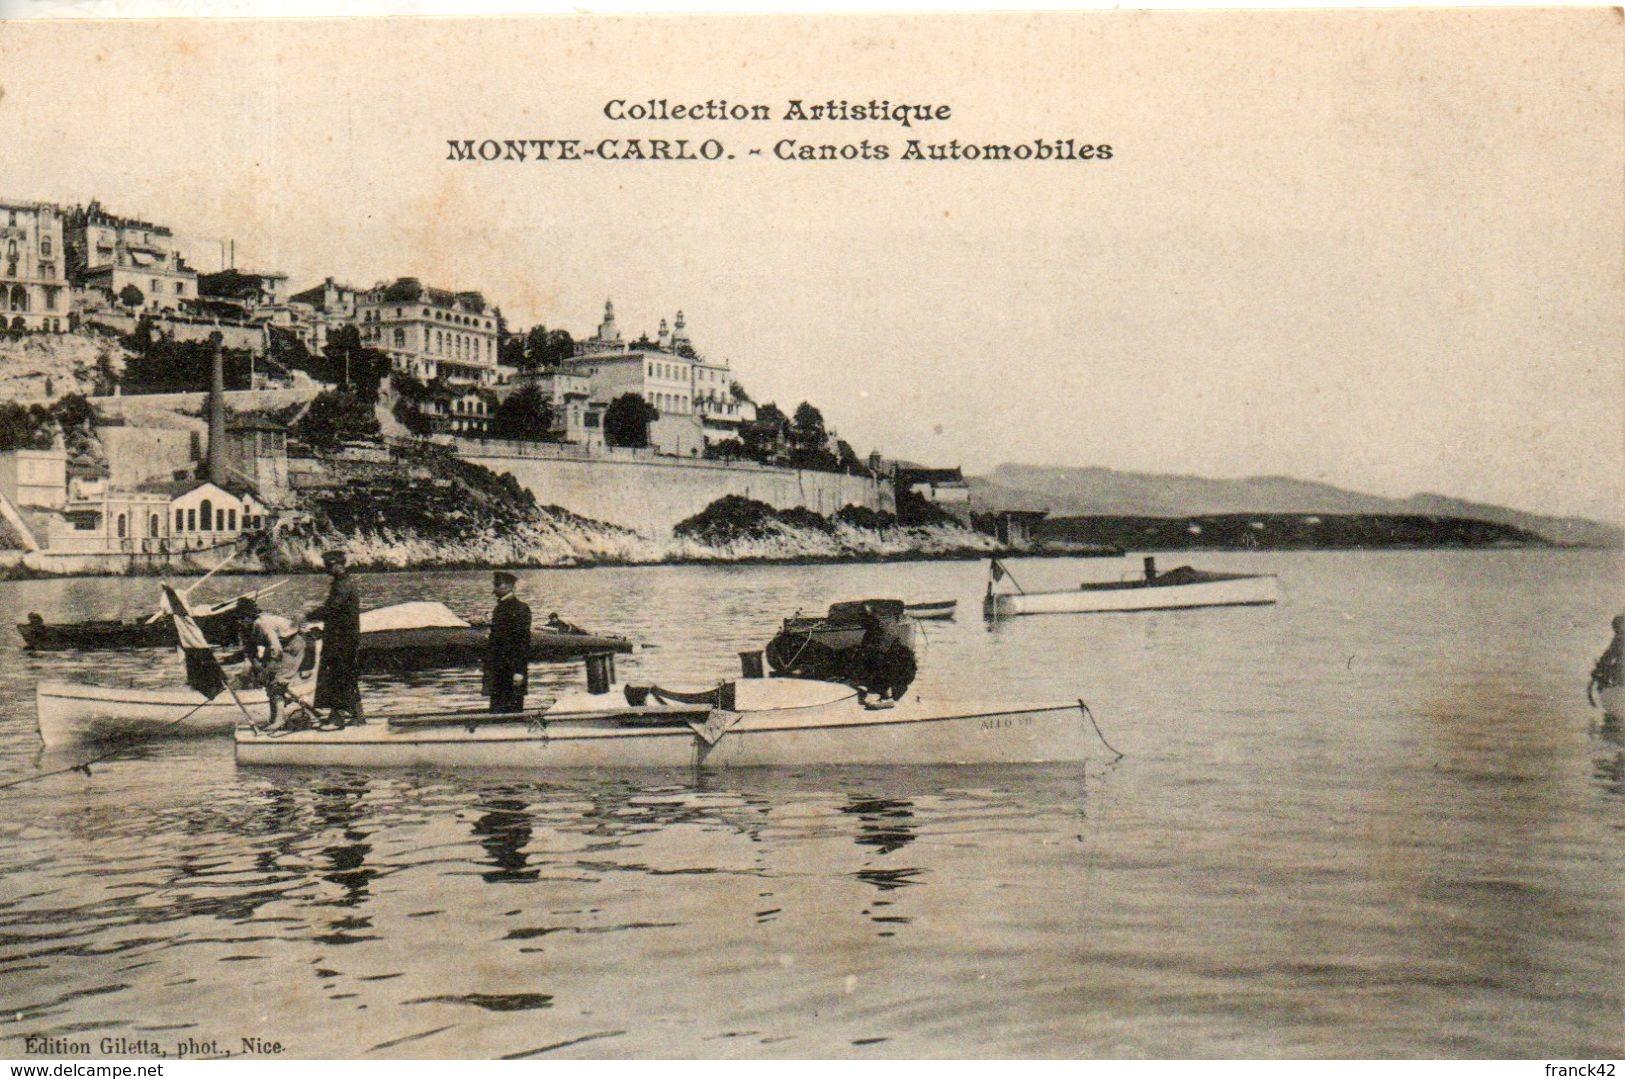 Monaco. Monte Carlo. Canots Automobiles - Monte-Carlo